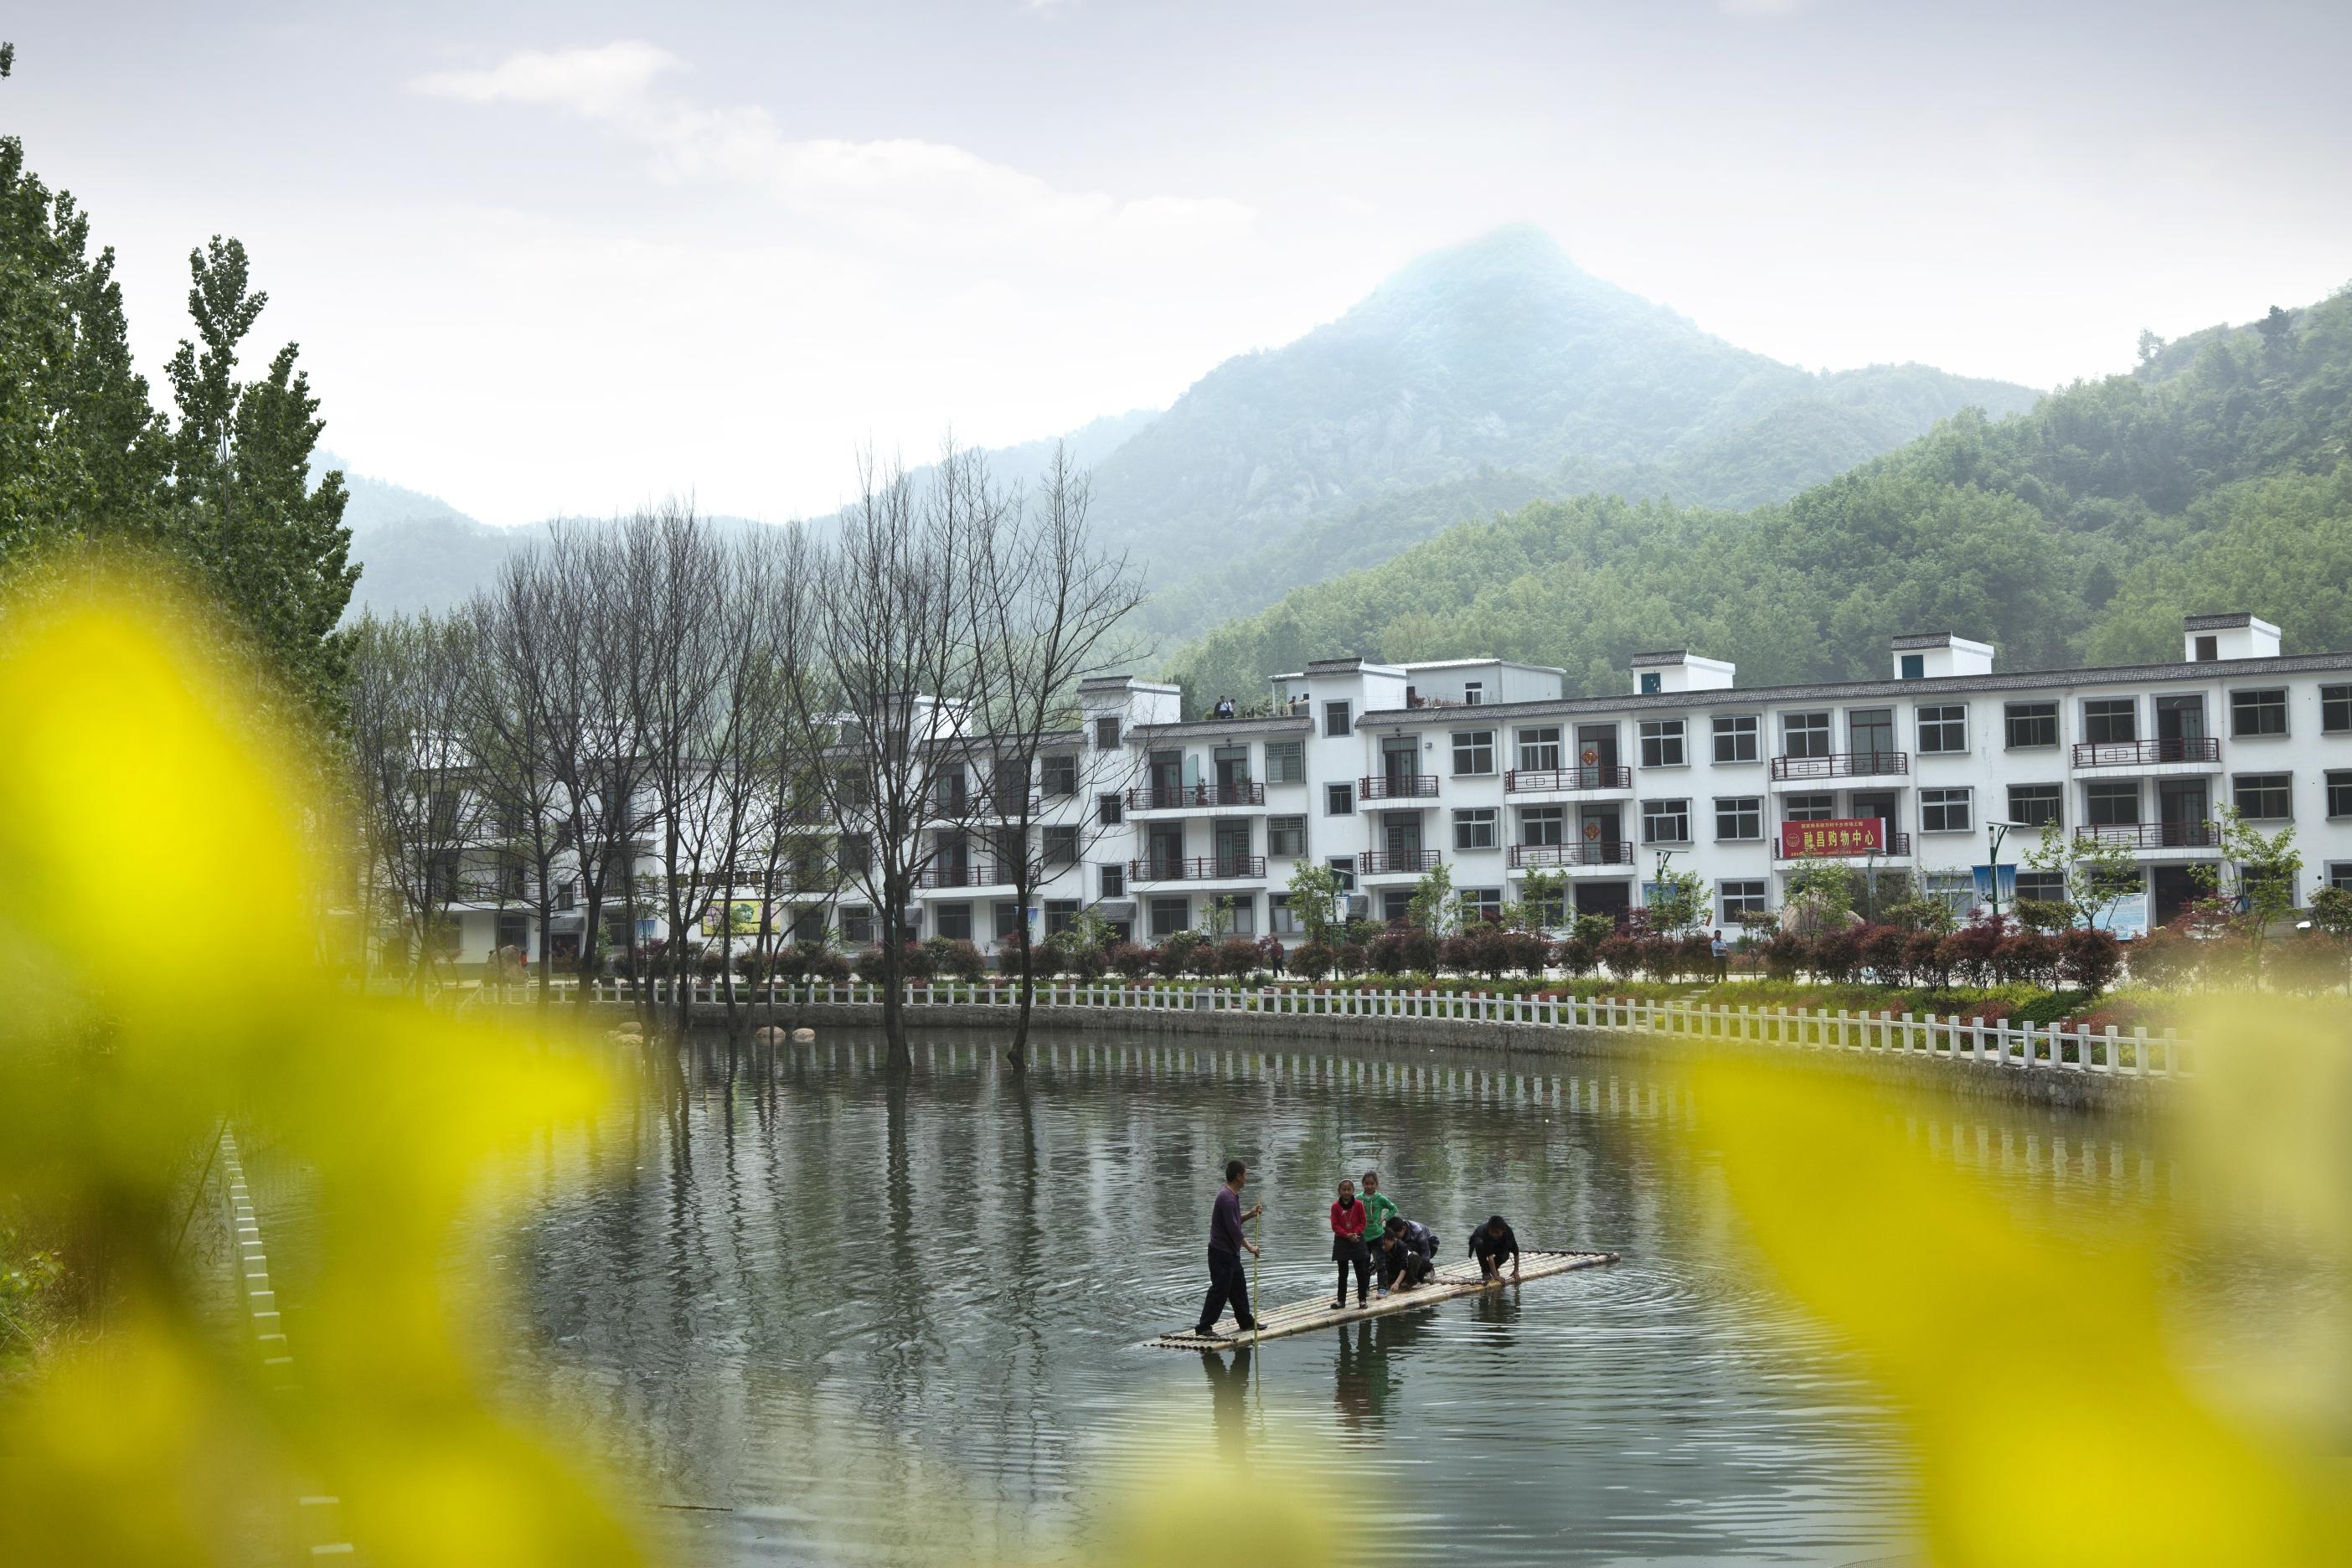 pk10app下载:鲁山县:全力发展旅游扶贫_绿水青山成群众的幸福靠山